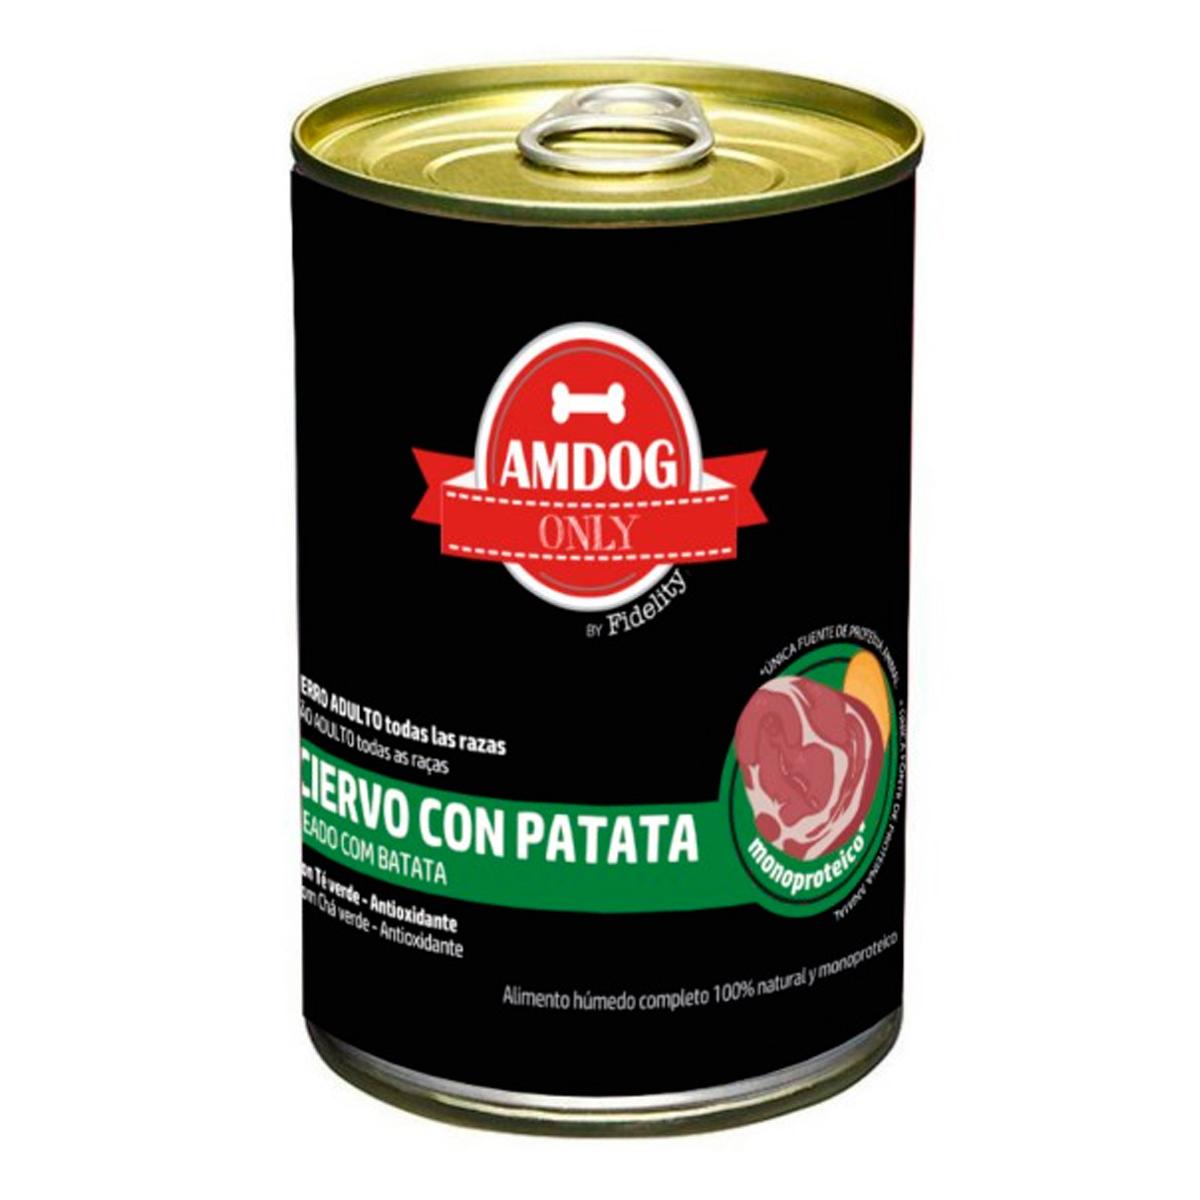 Lata para perros Amdog Ciervo con patatas